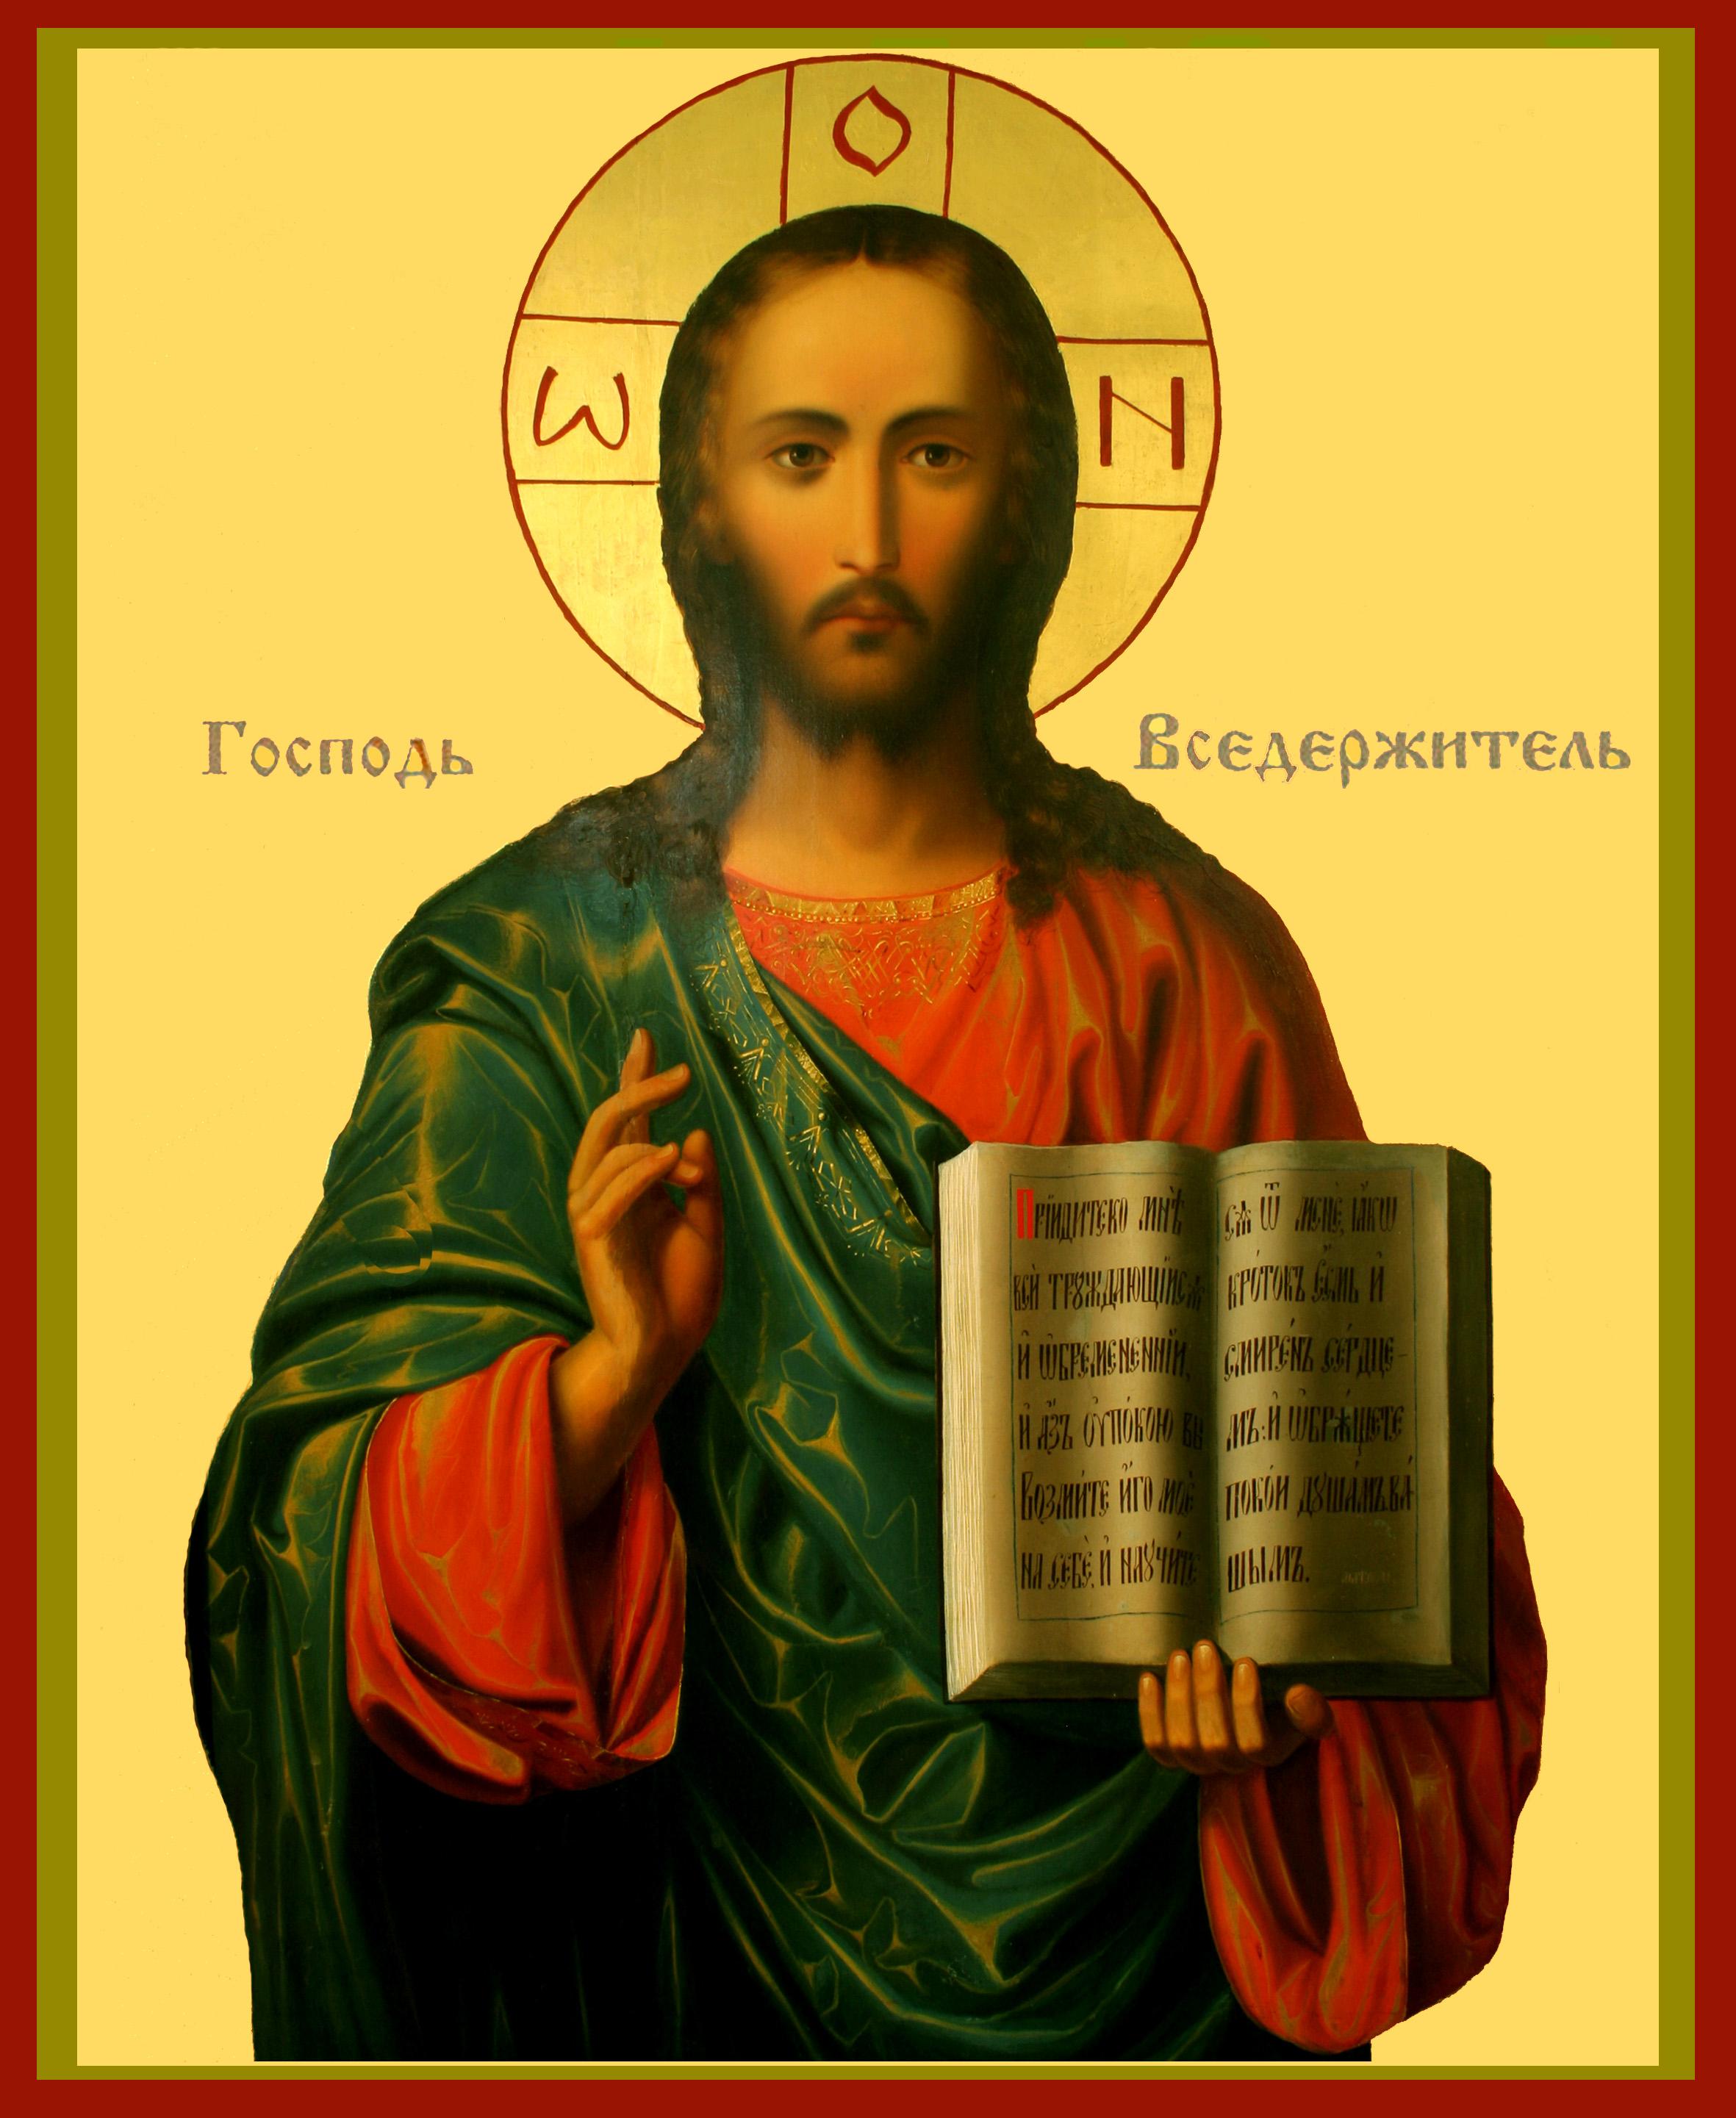 иконки православные: